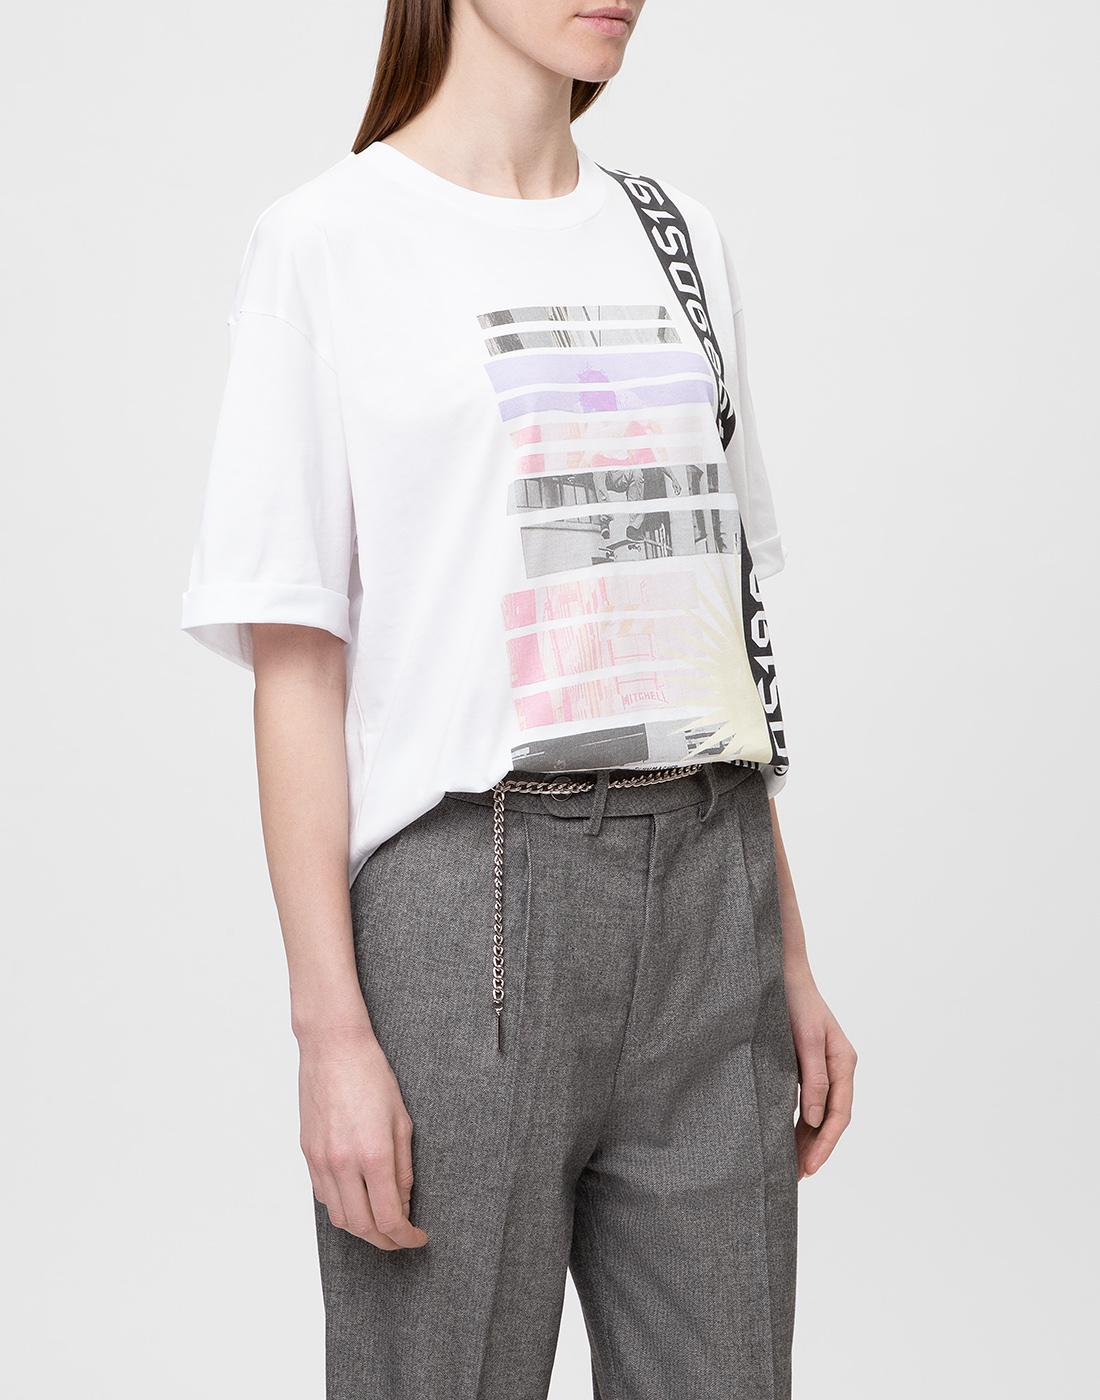 Женская белая футболка с принтом Dorothee Schumacher S623501/100-3